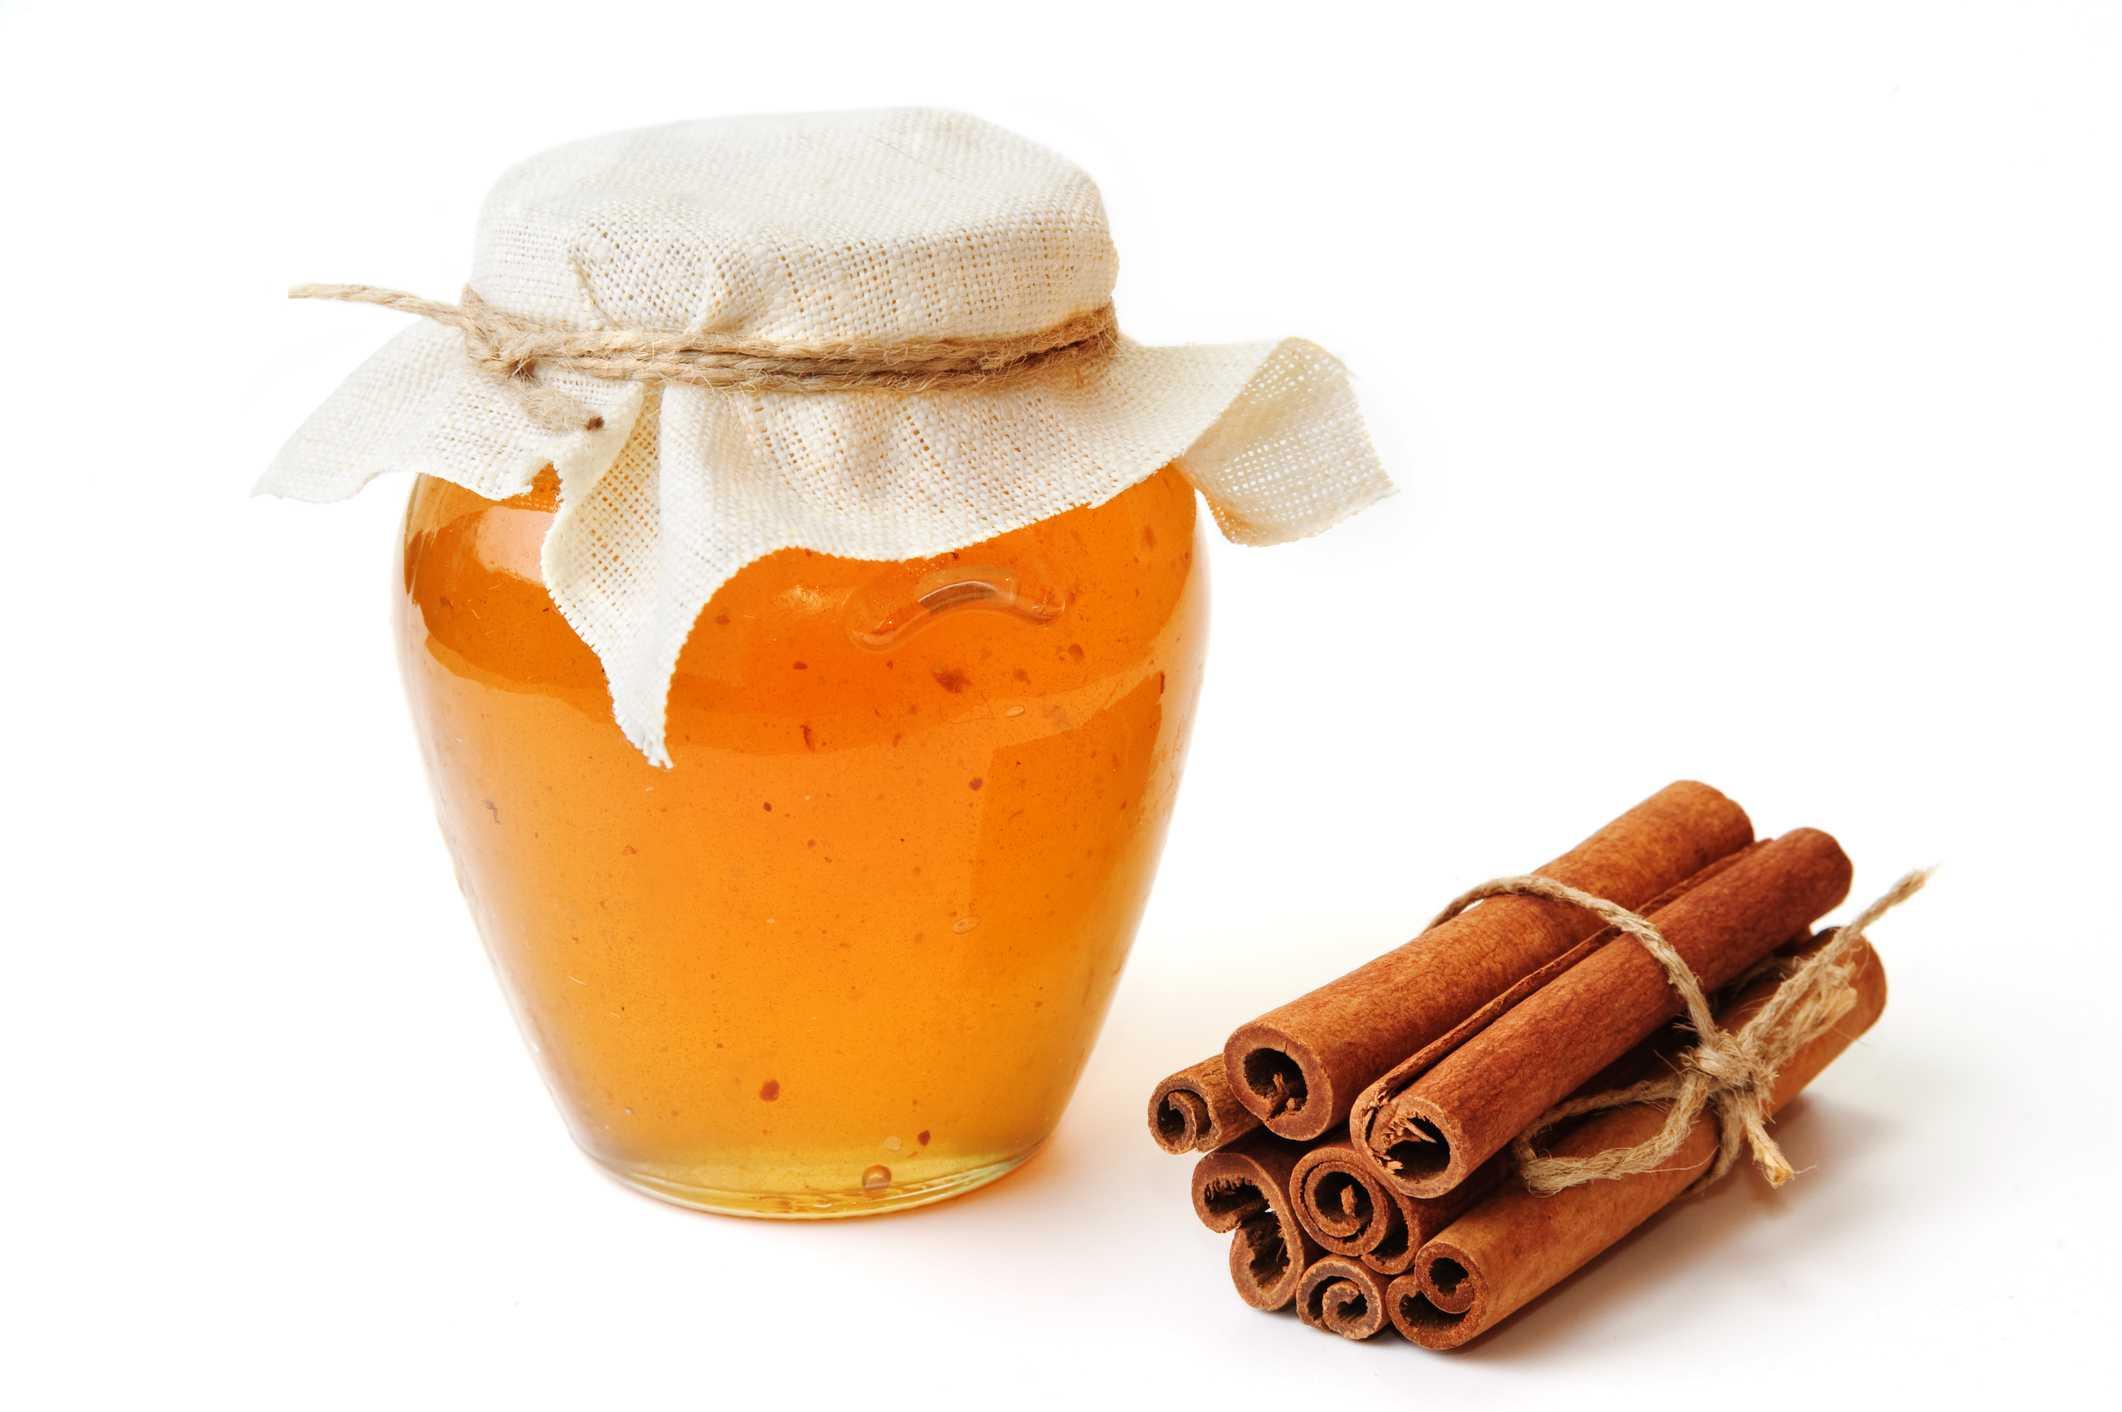 استفاده از ماسک عسل و دارچین عملکرد پیاز مو و فولیکولهای مو را تقویت میکند.